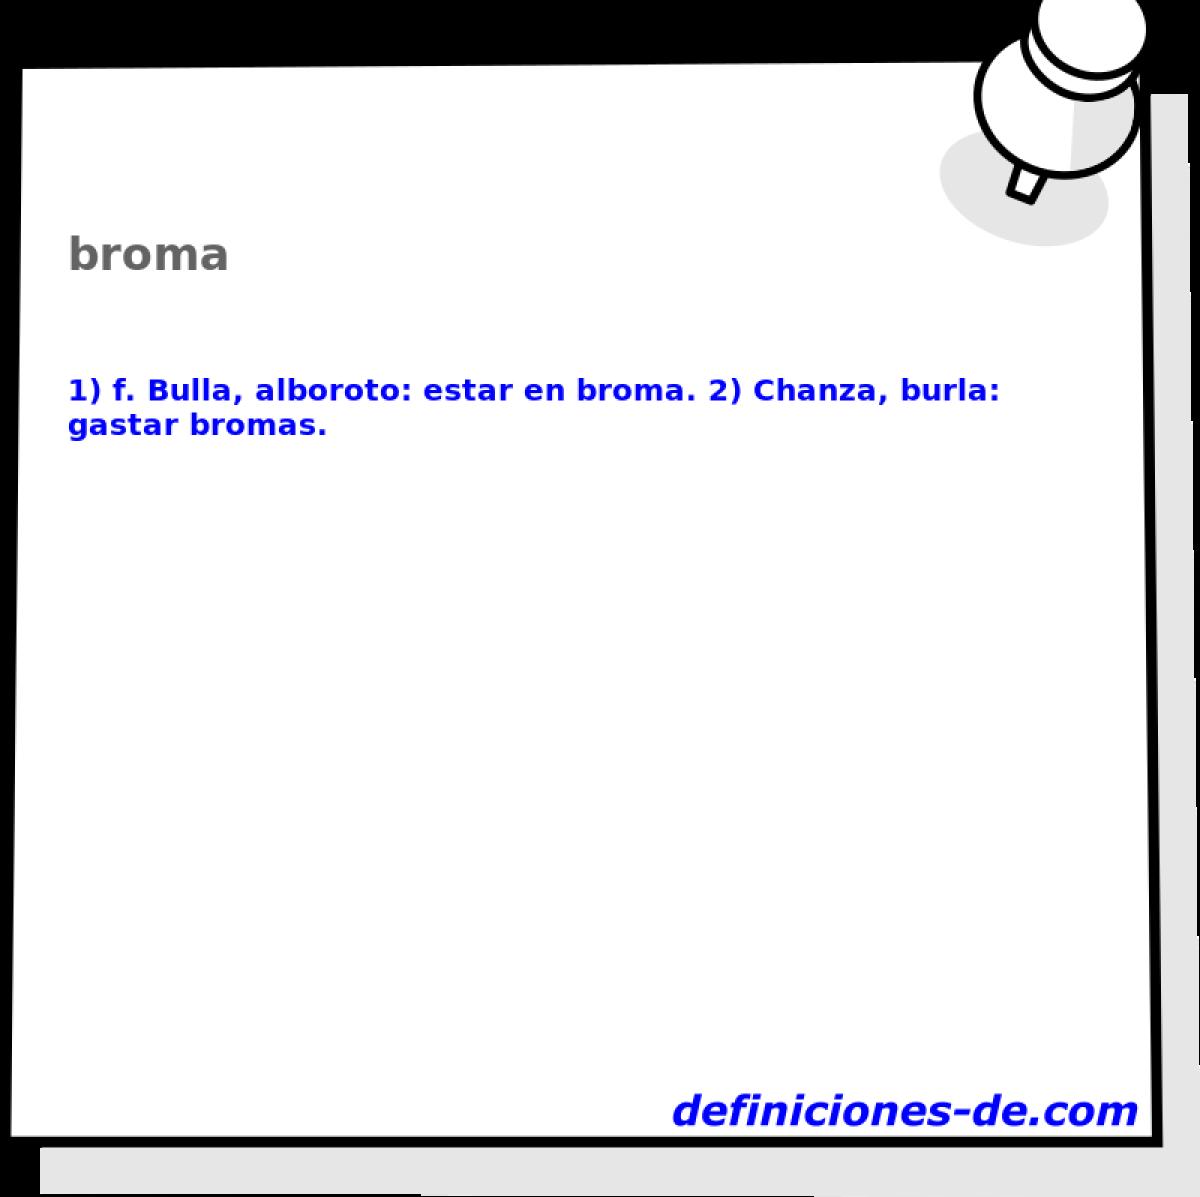 Qué significa Broma?